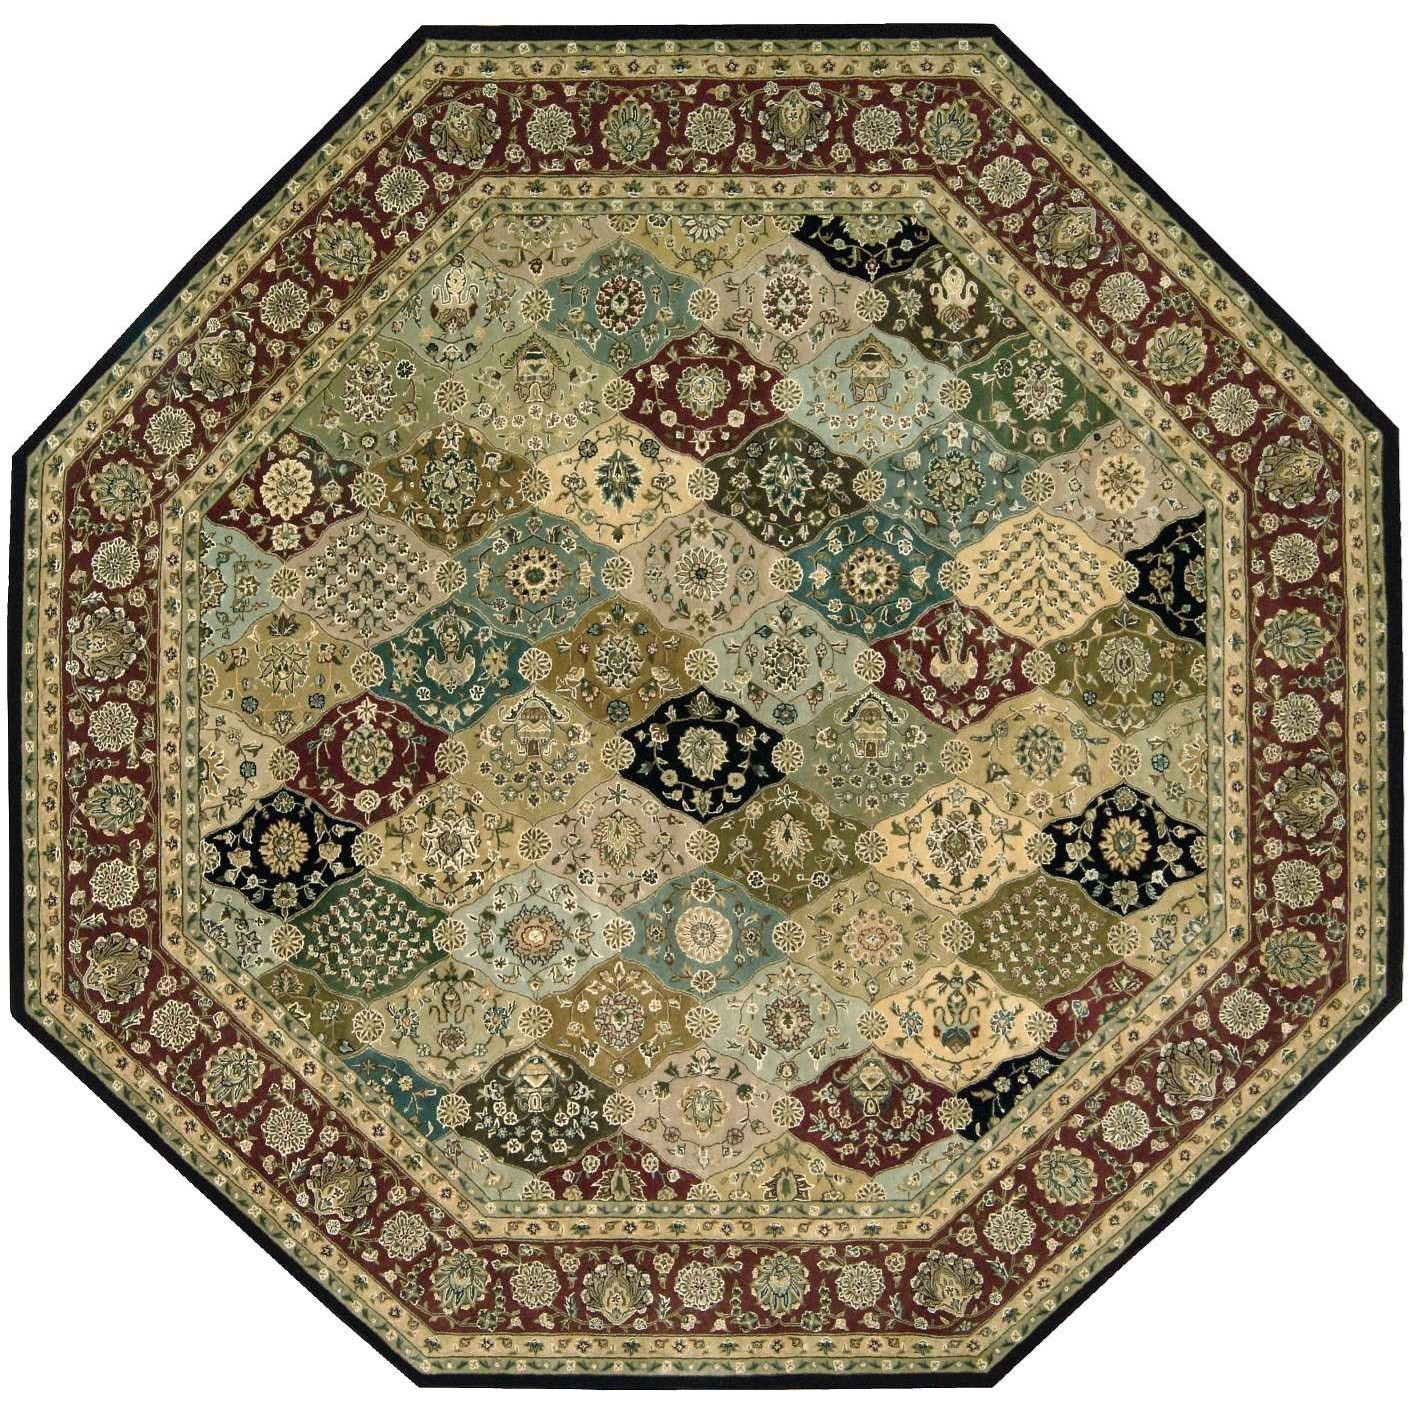 10' x 10' Multicolor Octagon Rug